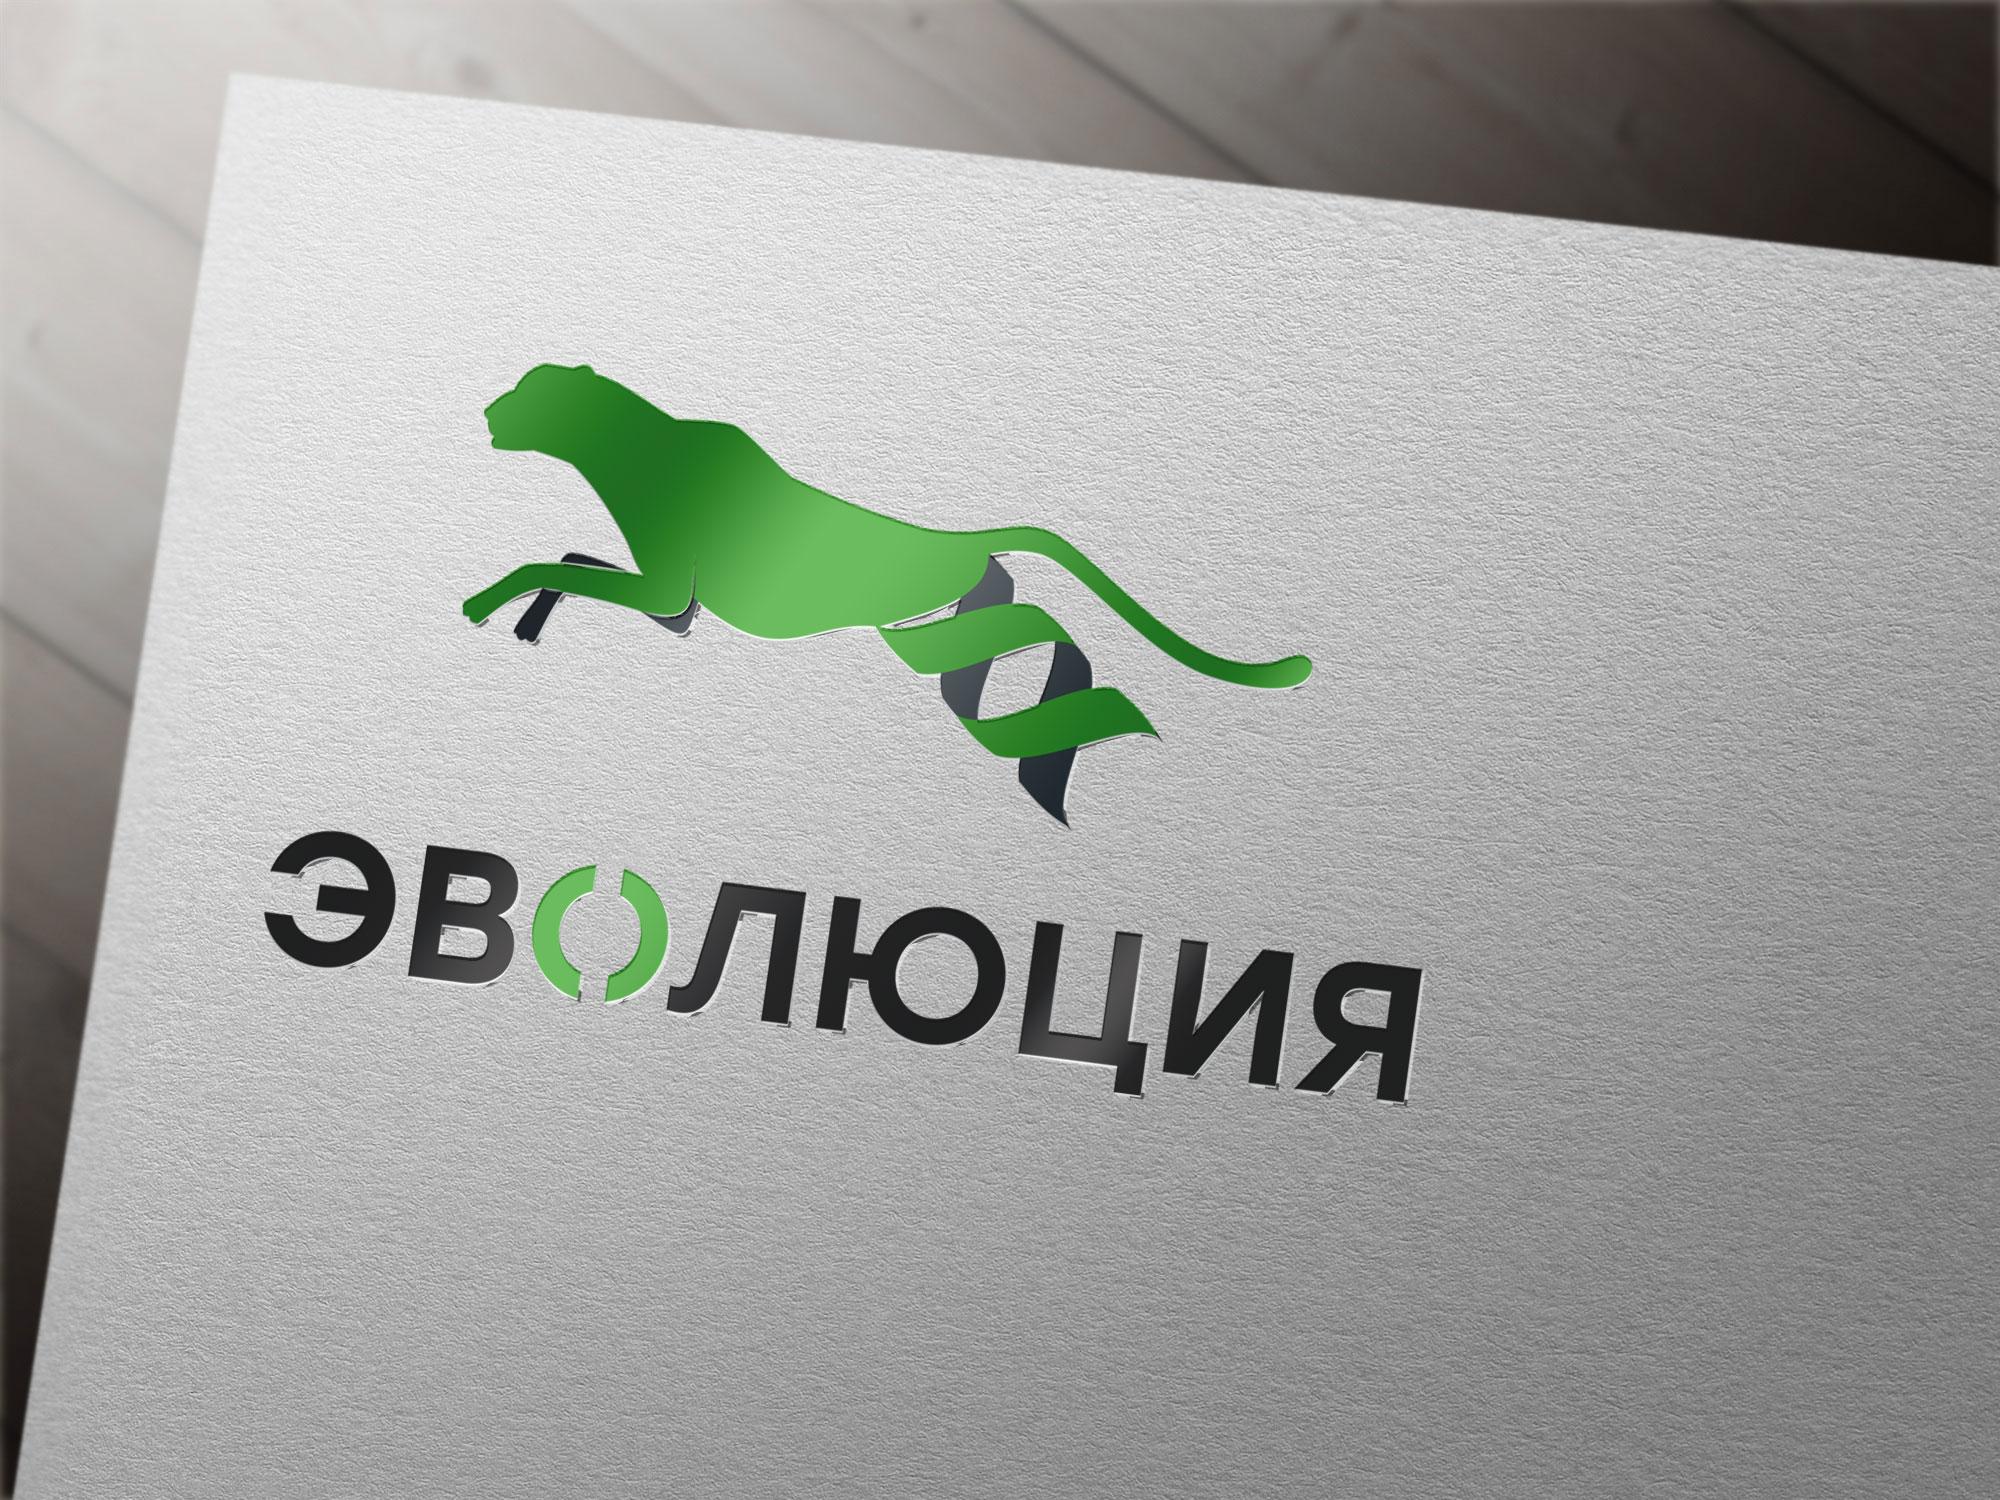 Разработать логотип для Онлайн-школы и сообщества фото f_6945bc32ebd70c0c.jpg